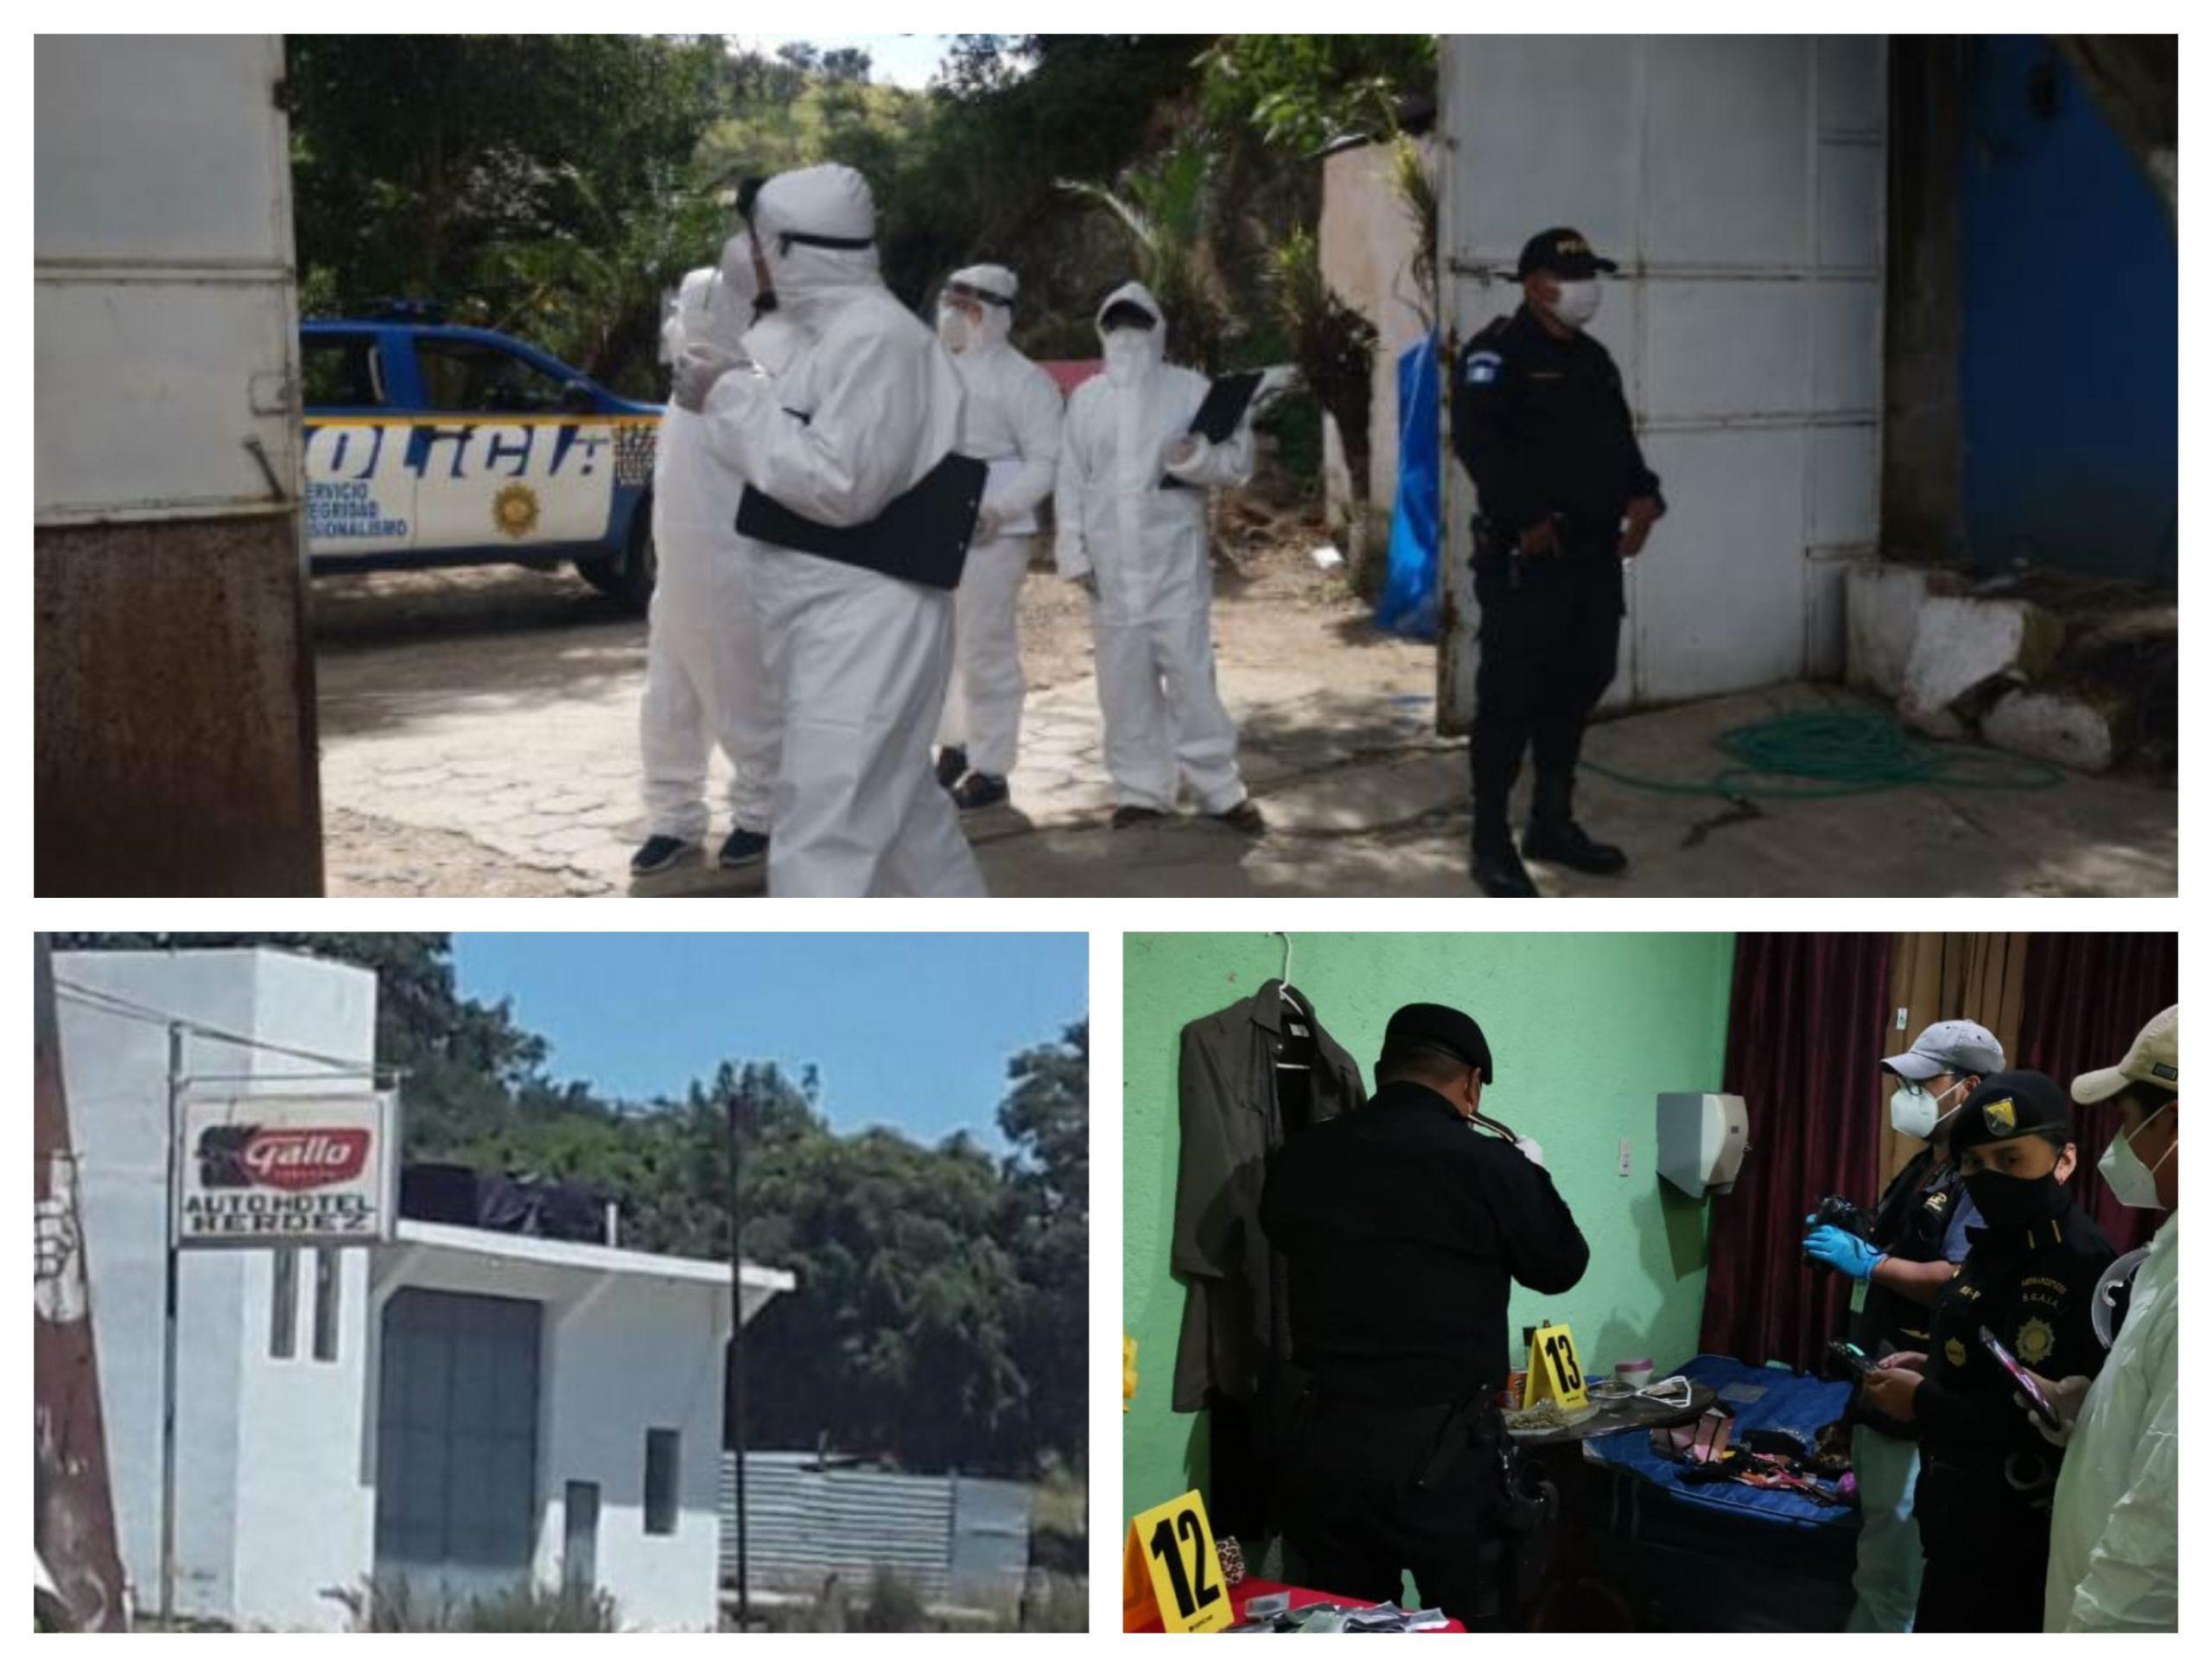 Las autoridades clausuraron el auto hotel Herdez, ubicado en el kilómetro 260, en Huehuetenango, en un operativo que dejó ocho capturados y dos menores rescatados. (Foto: MP)